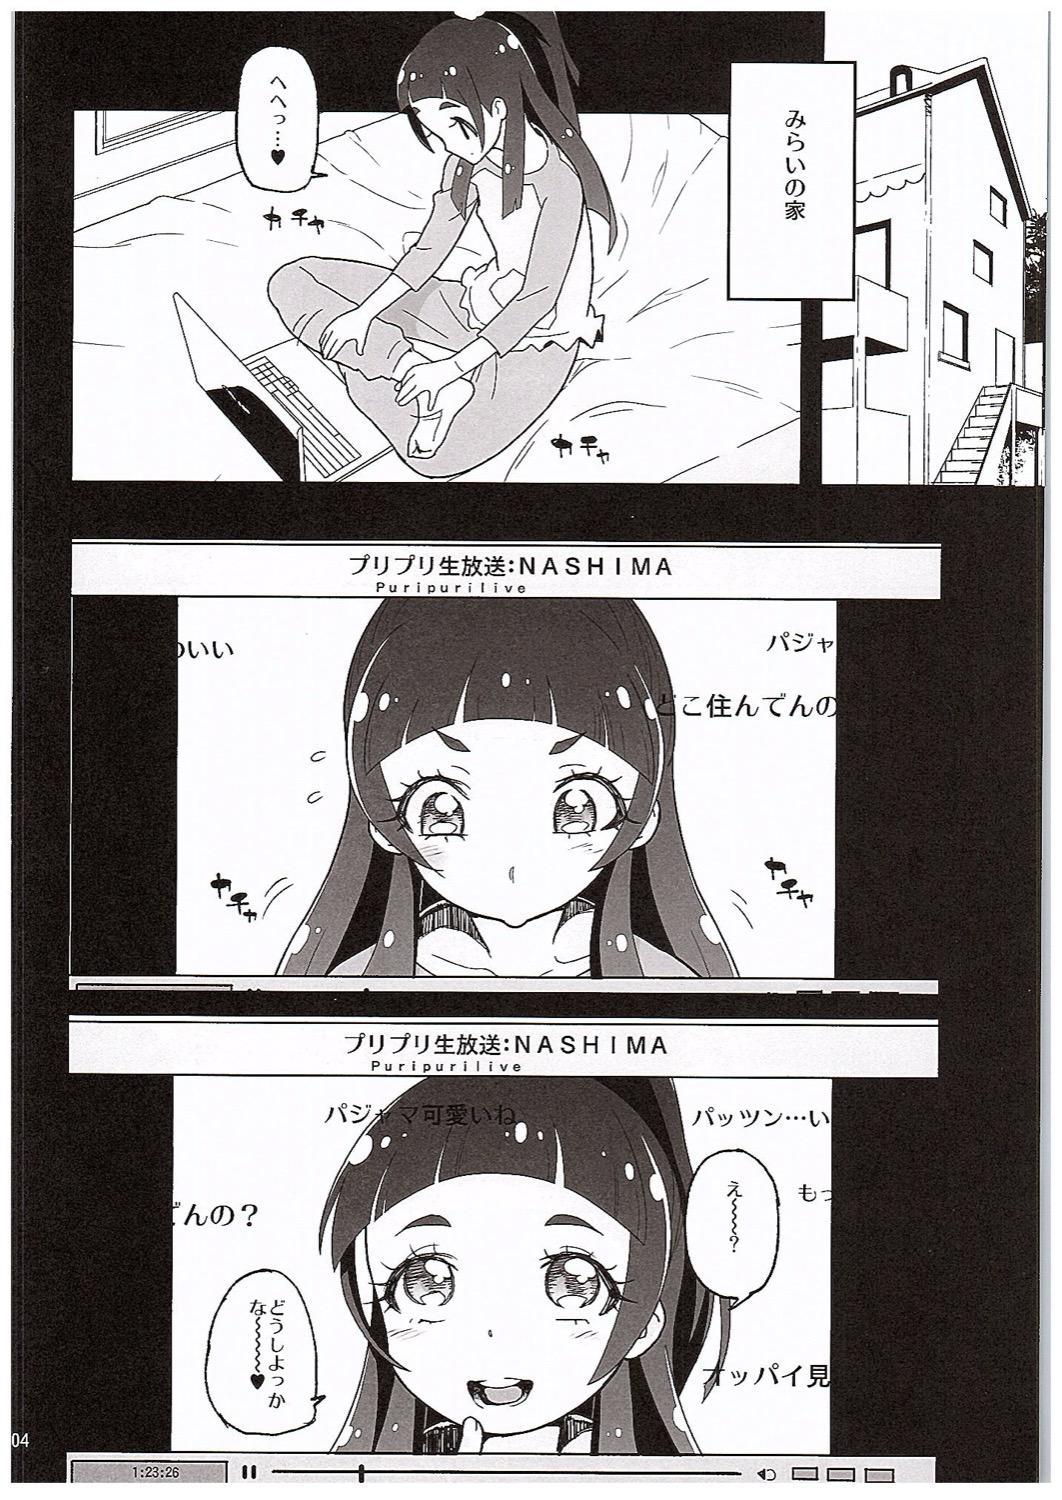 Amanogawa Kirara Riko to Mirai to Ero Nama Haishin Shoubu Anal demo Nan demo Misetekureru Choroi Namanushi ga PreCure datta Ken. 2